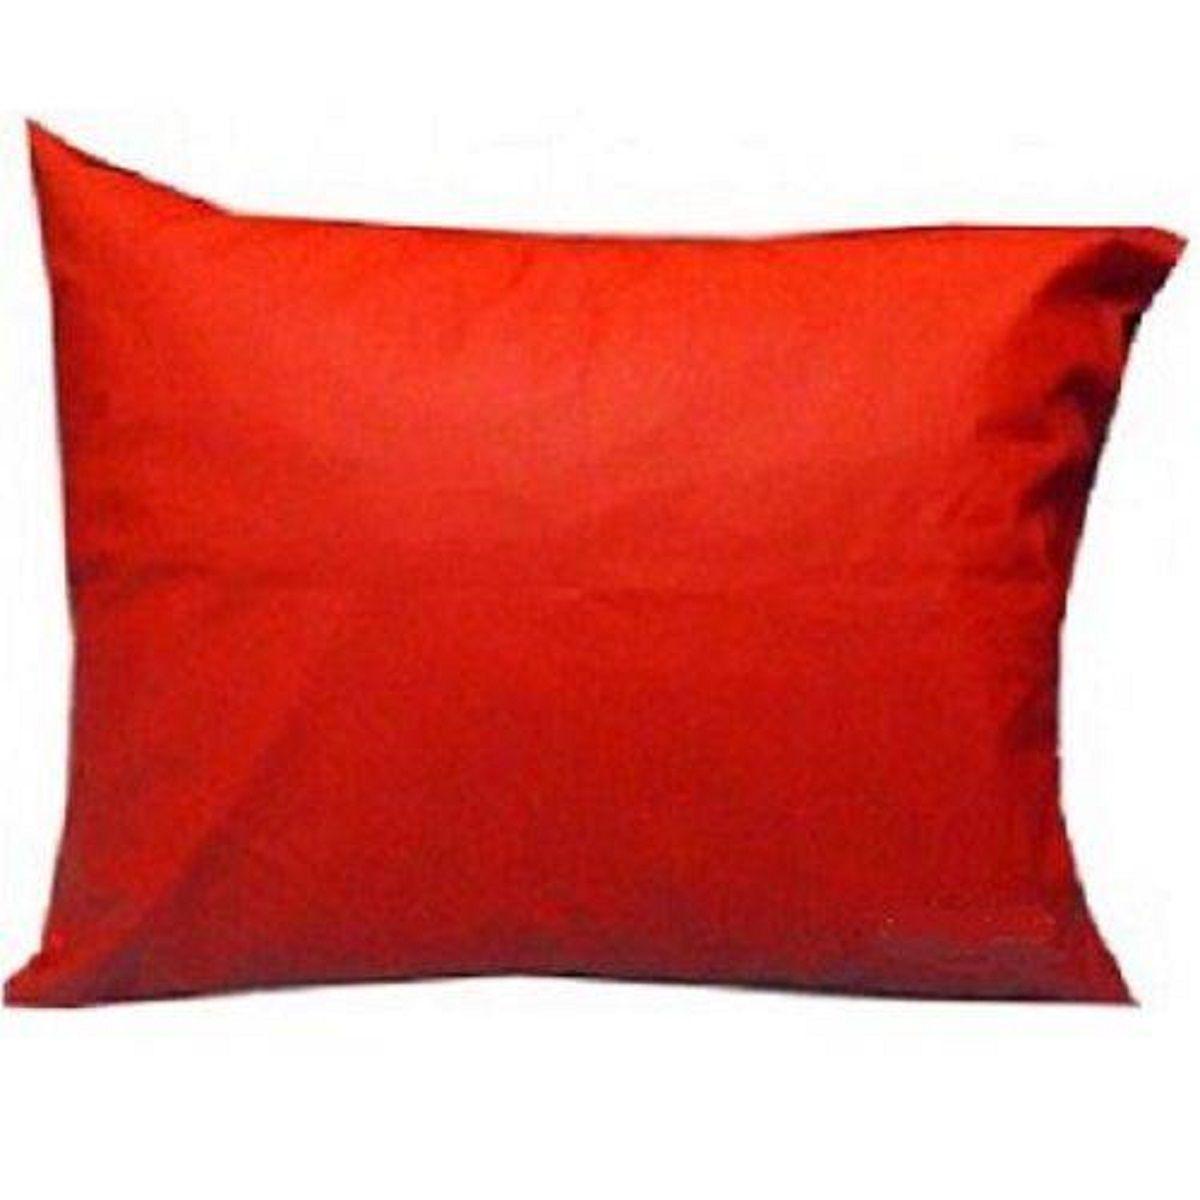 Capa Impermeável Para Travesseiro Hospitalar (50x70) Colorida C/ Zíper